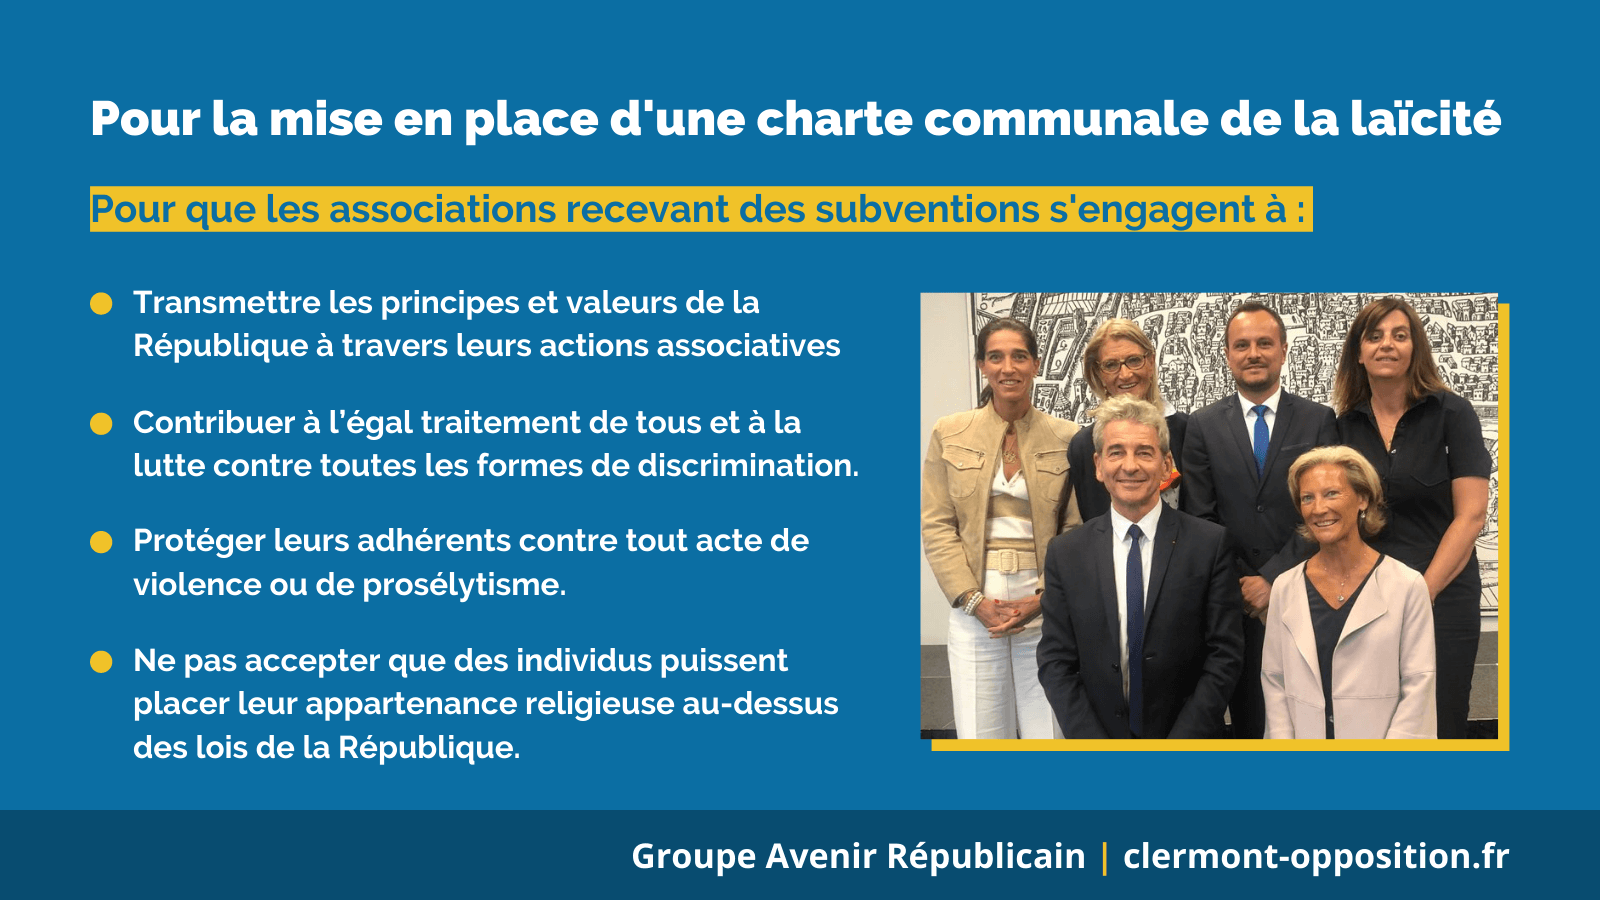 Pour une charte communale de laïcité à Clermont-Ferrand